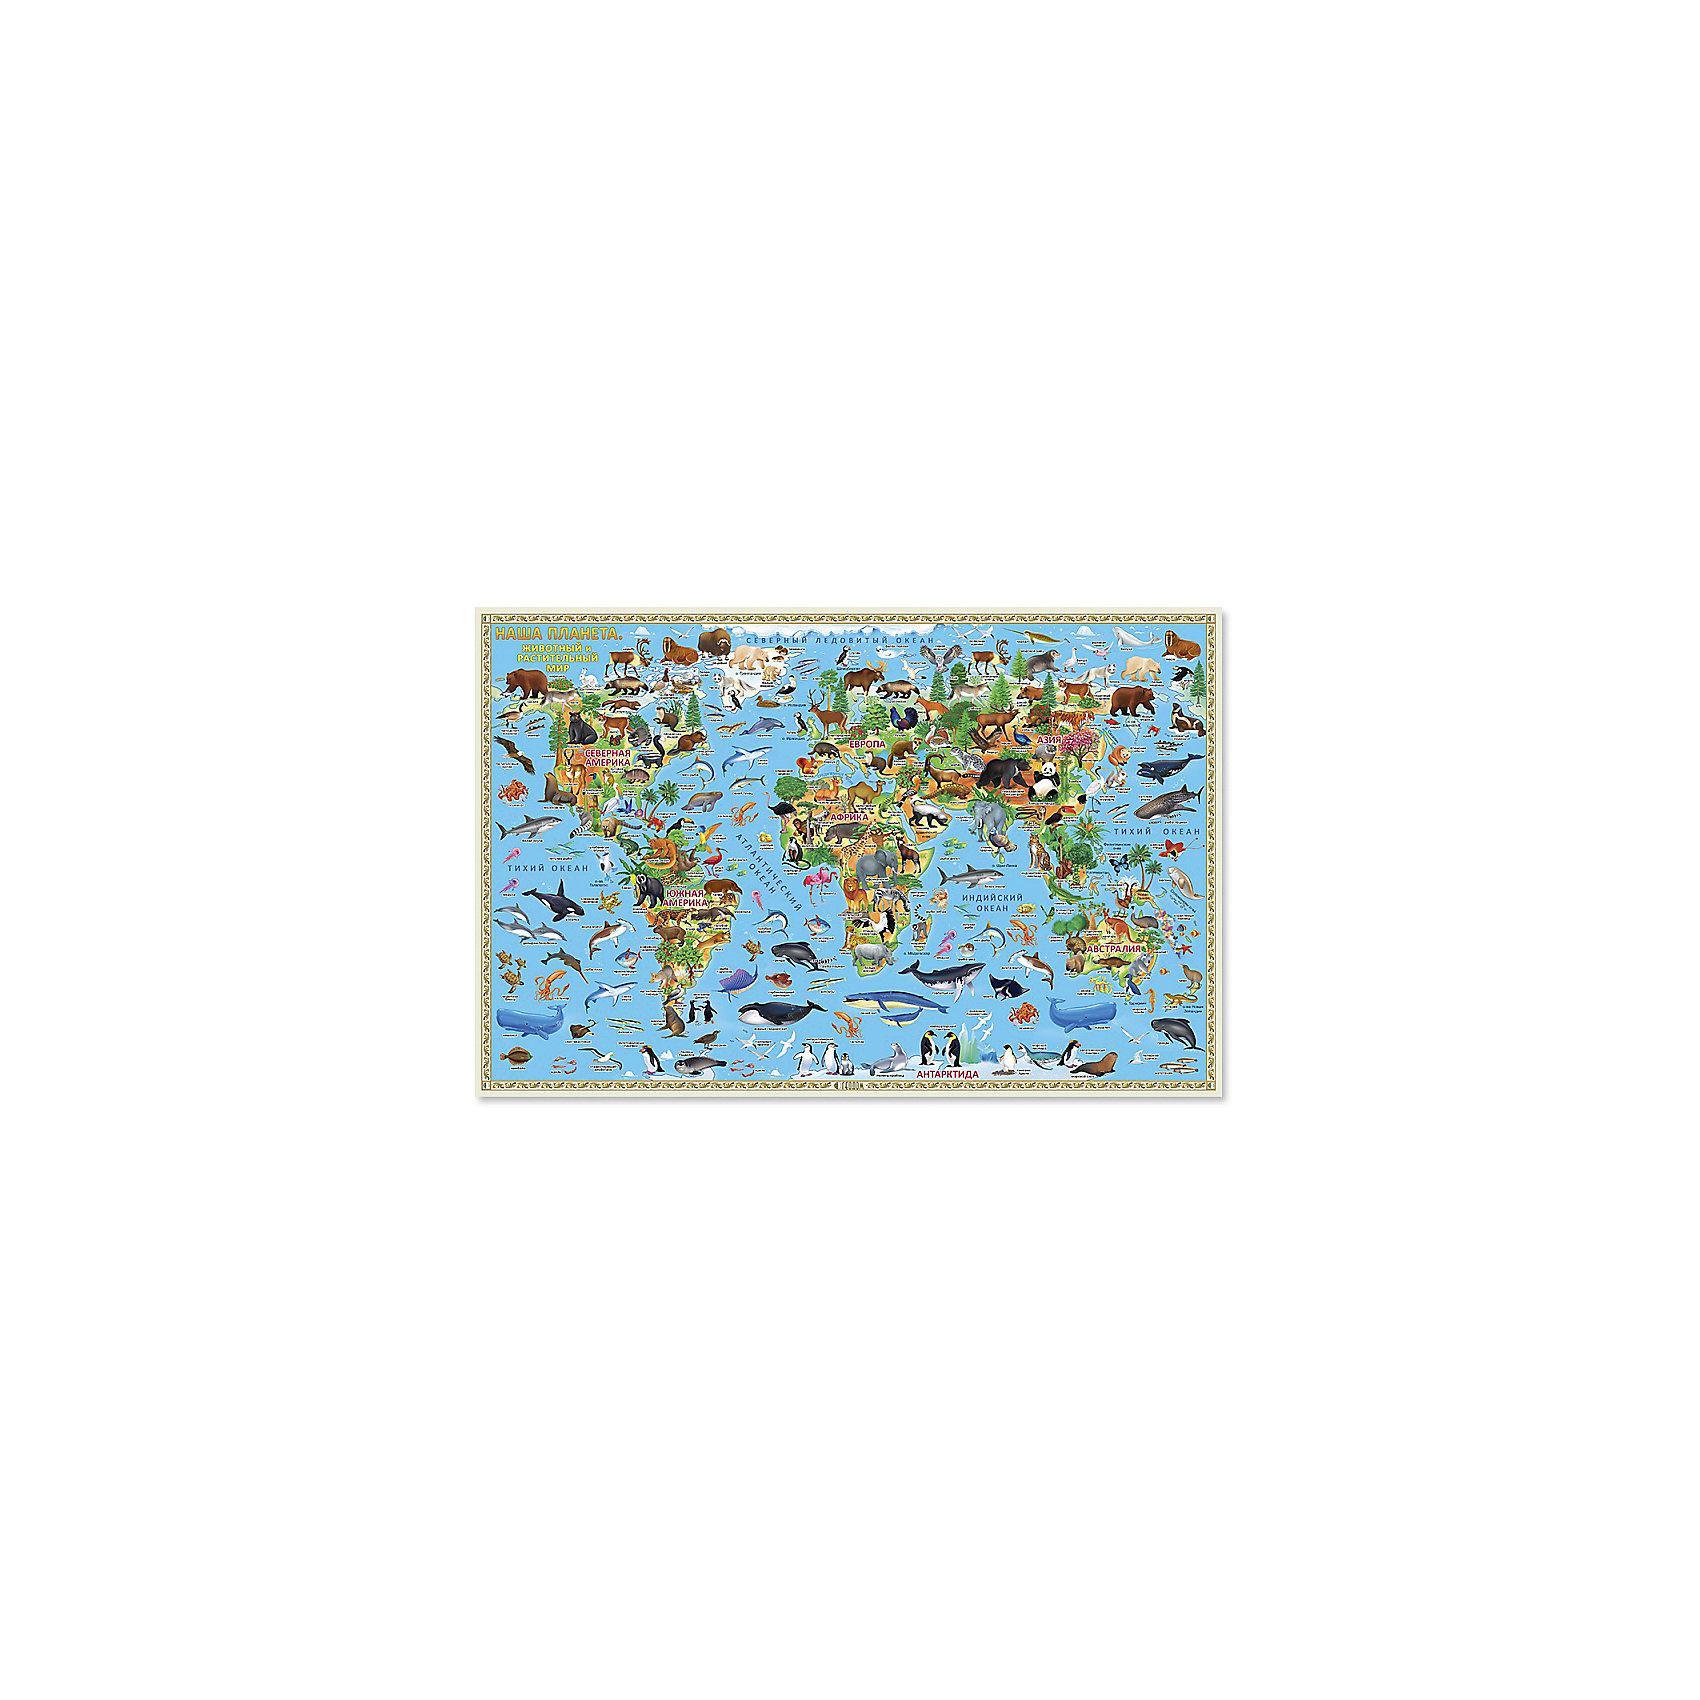 Настольная карта Наша планета. Животный и растительный мирАтласы и карты<br>Характеристики товара:<br><br>• возраст от 6 лет;<br>• материал: картон;<br>• размер карты 58х38 см;<br>• размер упаковки 58х38х1 см;<br>• вес упаковки 67 гр.;<br>• страна производитель: Россия.<br><br>Настольная карта «Наша планета. Животный и растительный мир» ГеоДом впервые познакомит детей с растительным и животным миром нашей планеты. Карту можно разместить на столе или закрепить на стену, тогда она всегда будет на виду, когда ребенок будет готовить домашние задания. Ламинация защищает от повреждений. <br><br>Настольную карту «Наша планета. Животный и растительный мир» ГеоДом можно приобрести в нашем интернет-магазине.<br><br>Ширина мм: 380<br>Глубина мм: 580<br>Высота мм: 10<br>Вес г: 67<br>Возраст от месяцев: 72<br>Возраст до месяцев: 2147483647<br>Пол: Унисекс<br>Возраст: Детский<br>SKU: 5518198